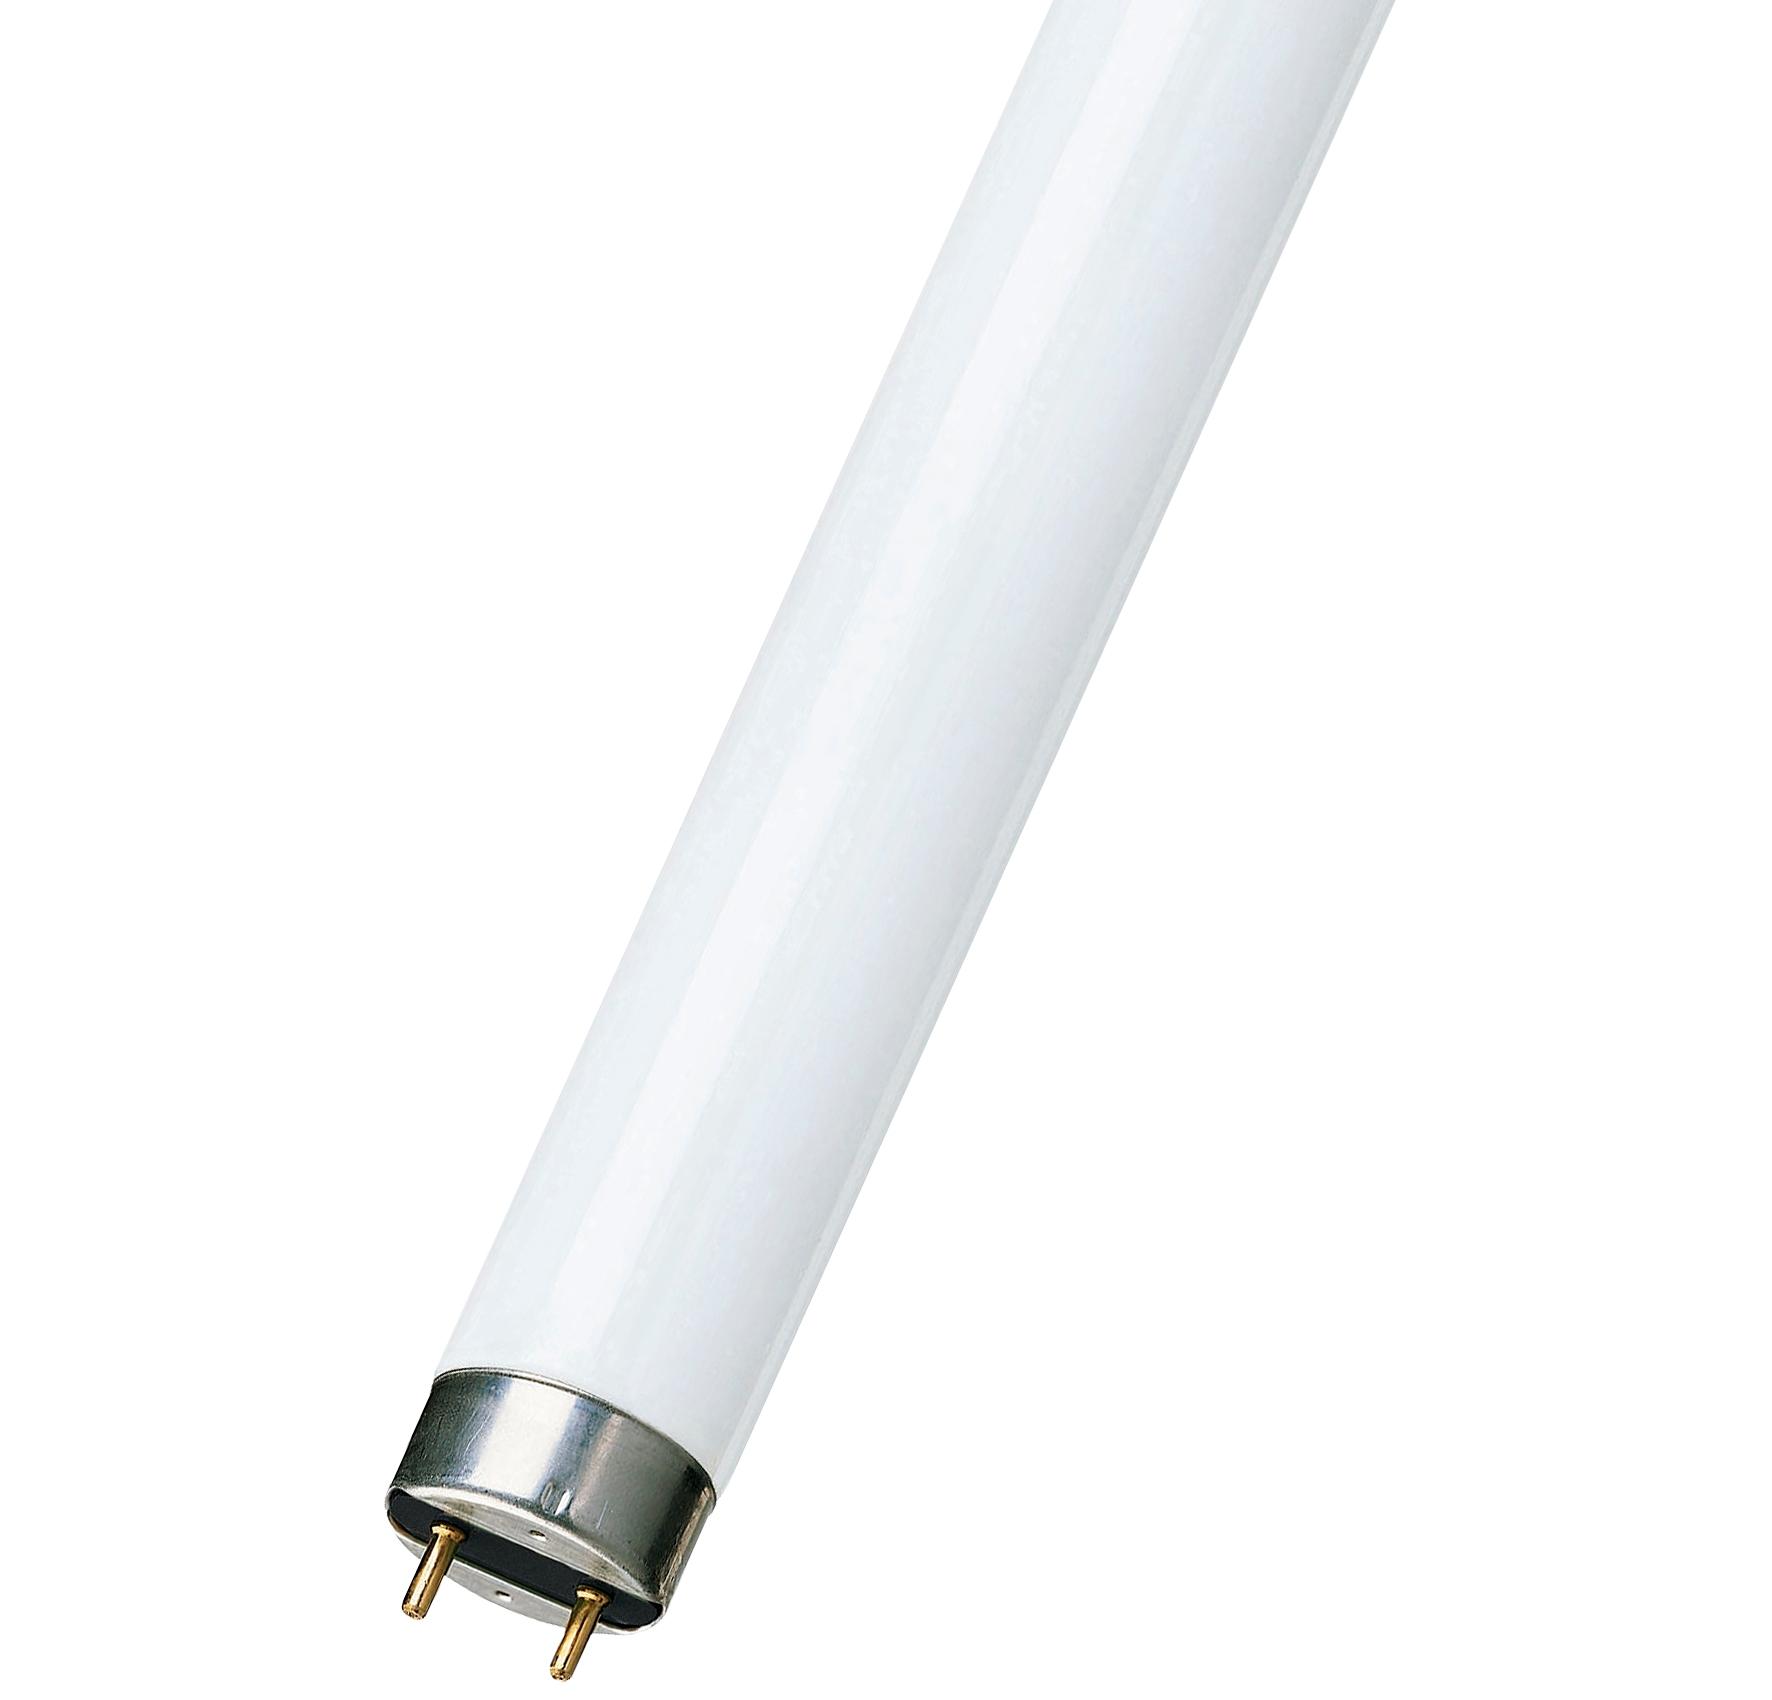 Лампа дневного света: маркировка, размеры, состав, напряжение и преимущества